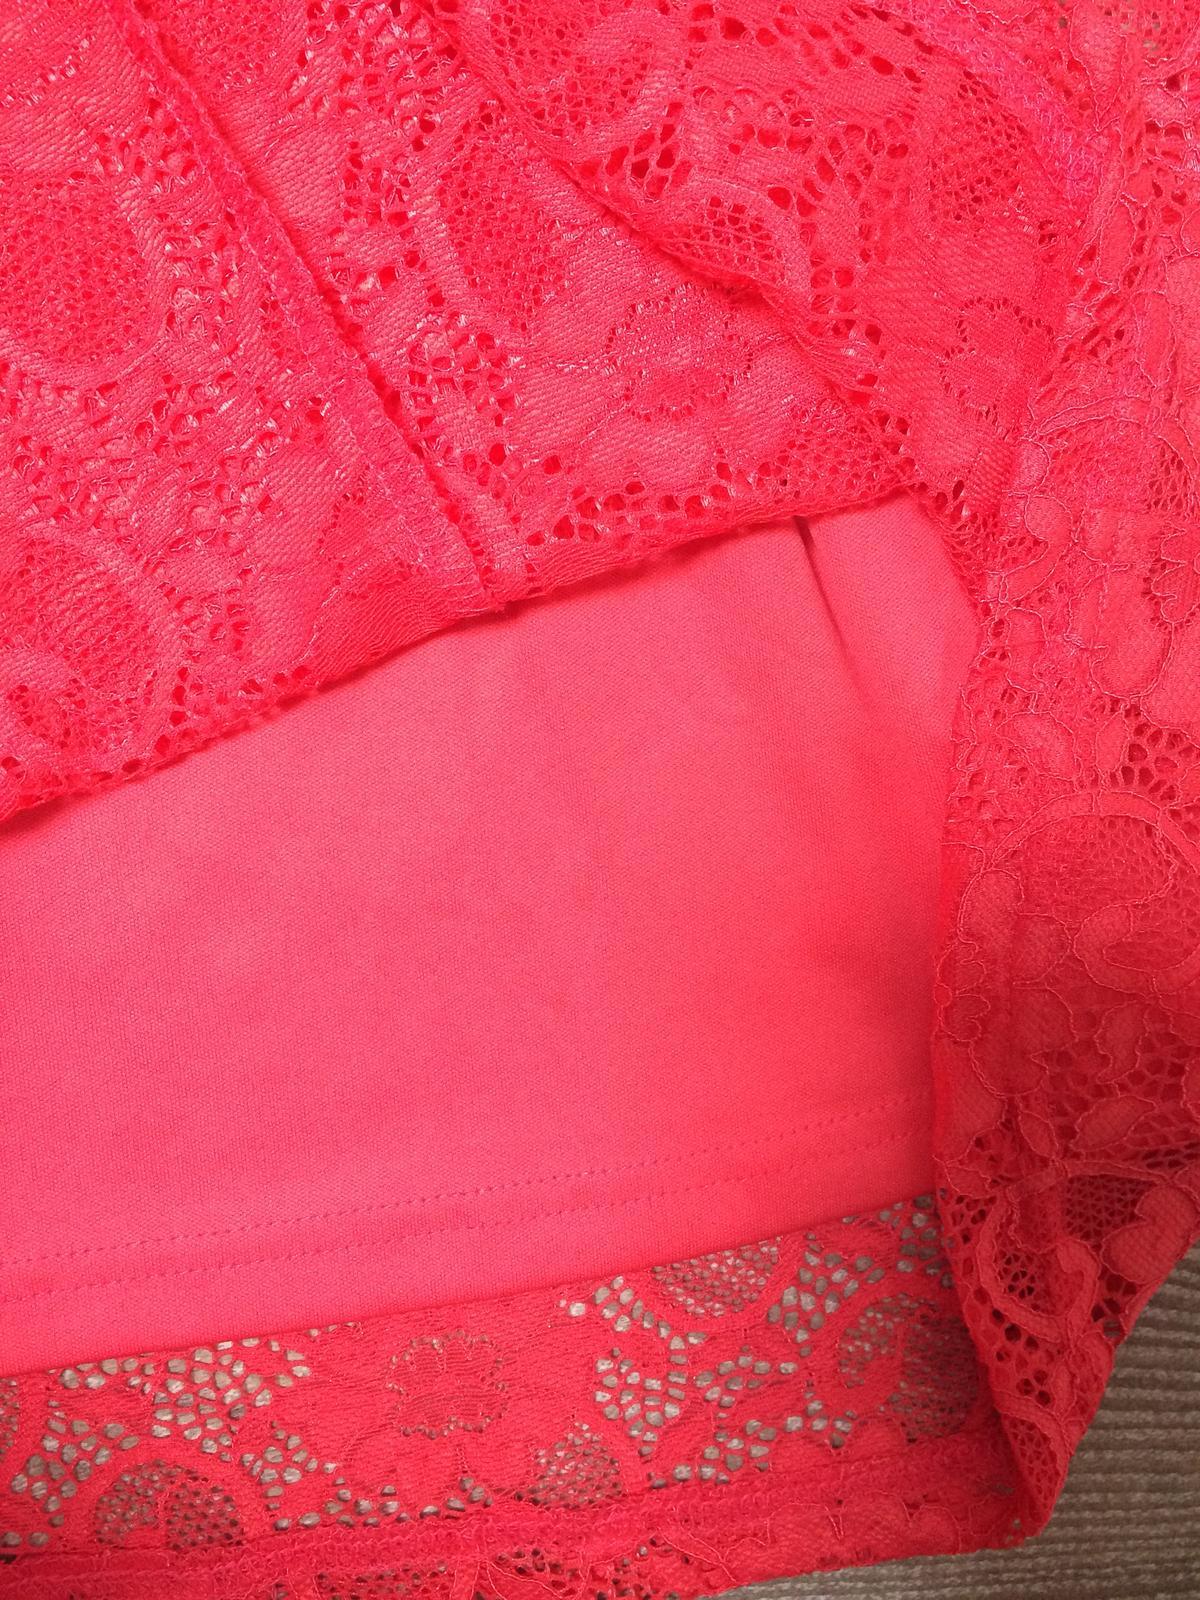 Korálové šaty - Obrázok č. 3